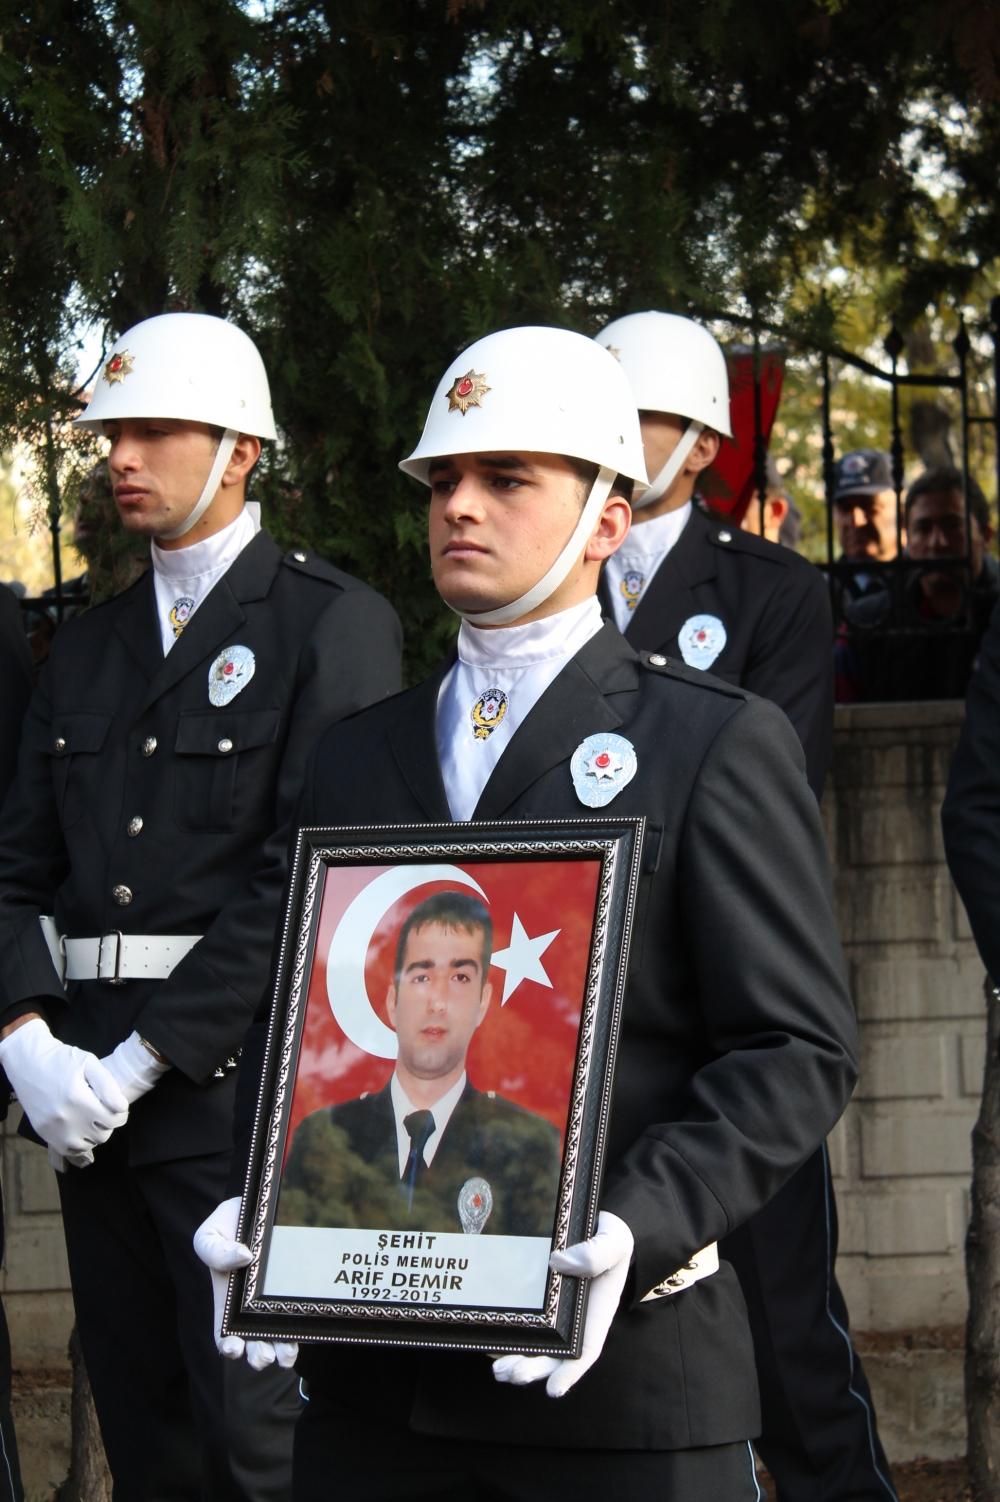 Şehit polis son yolculuğuna uğurlandı 28